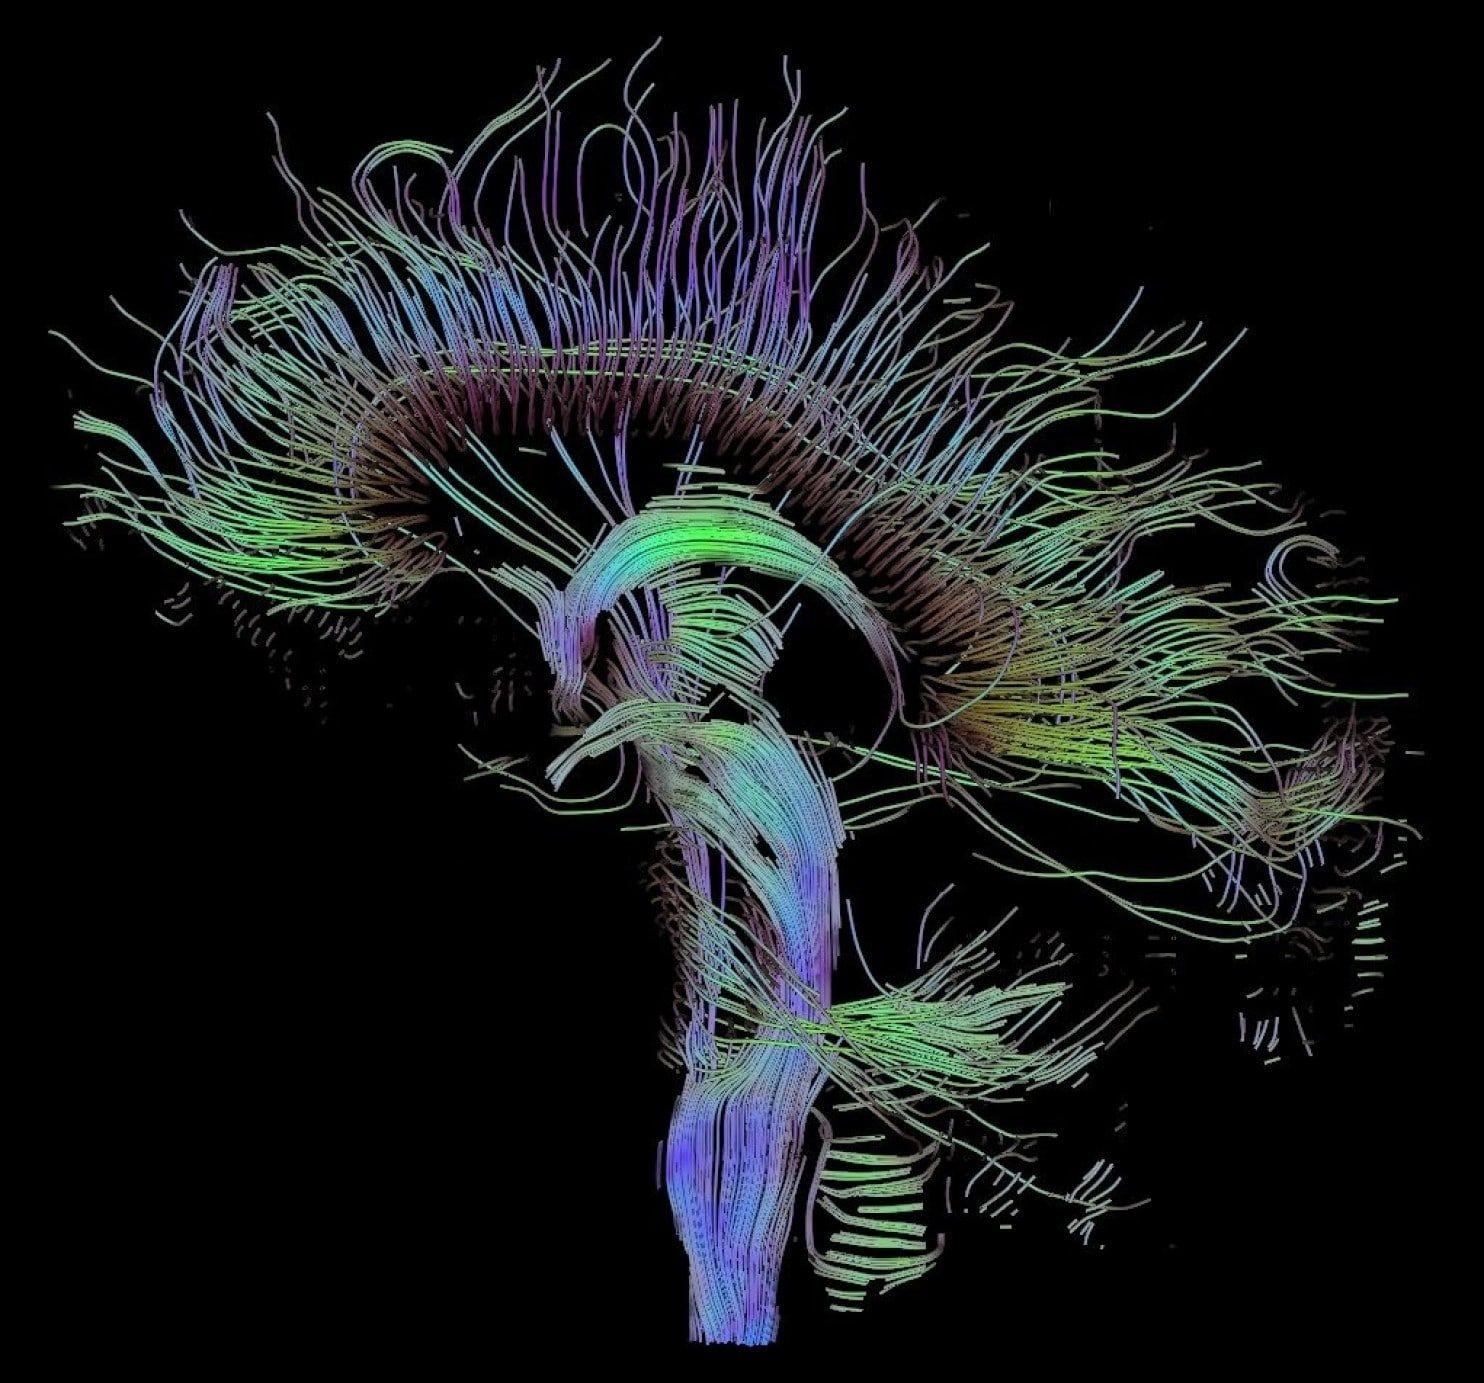 Beynimizdeki bağlantılar...